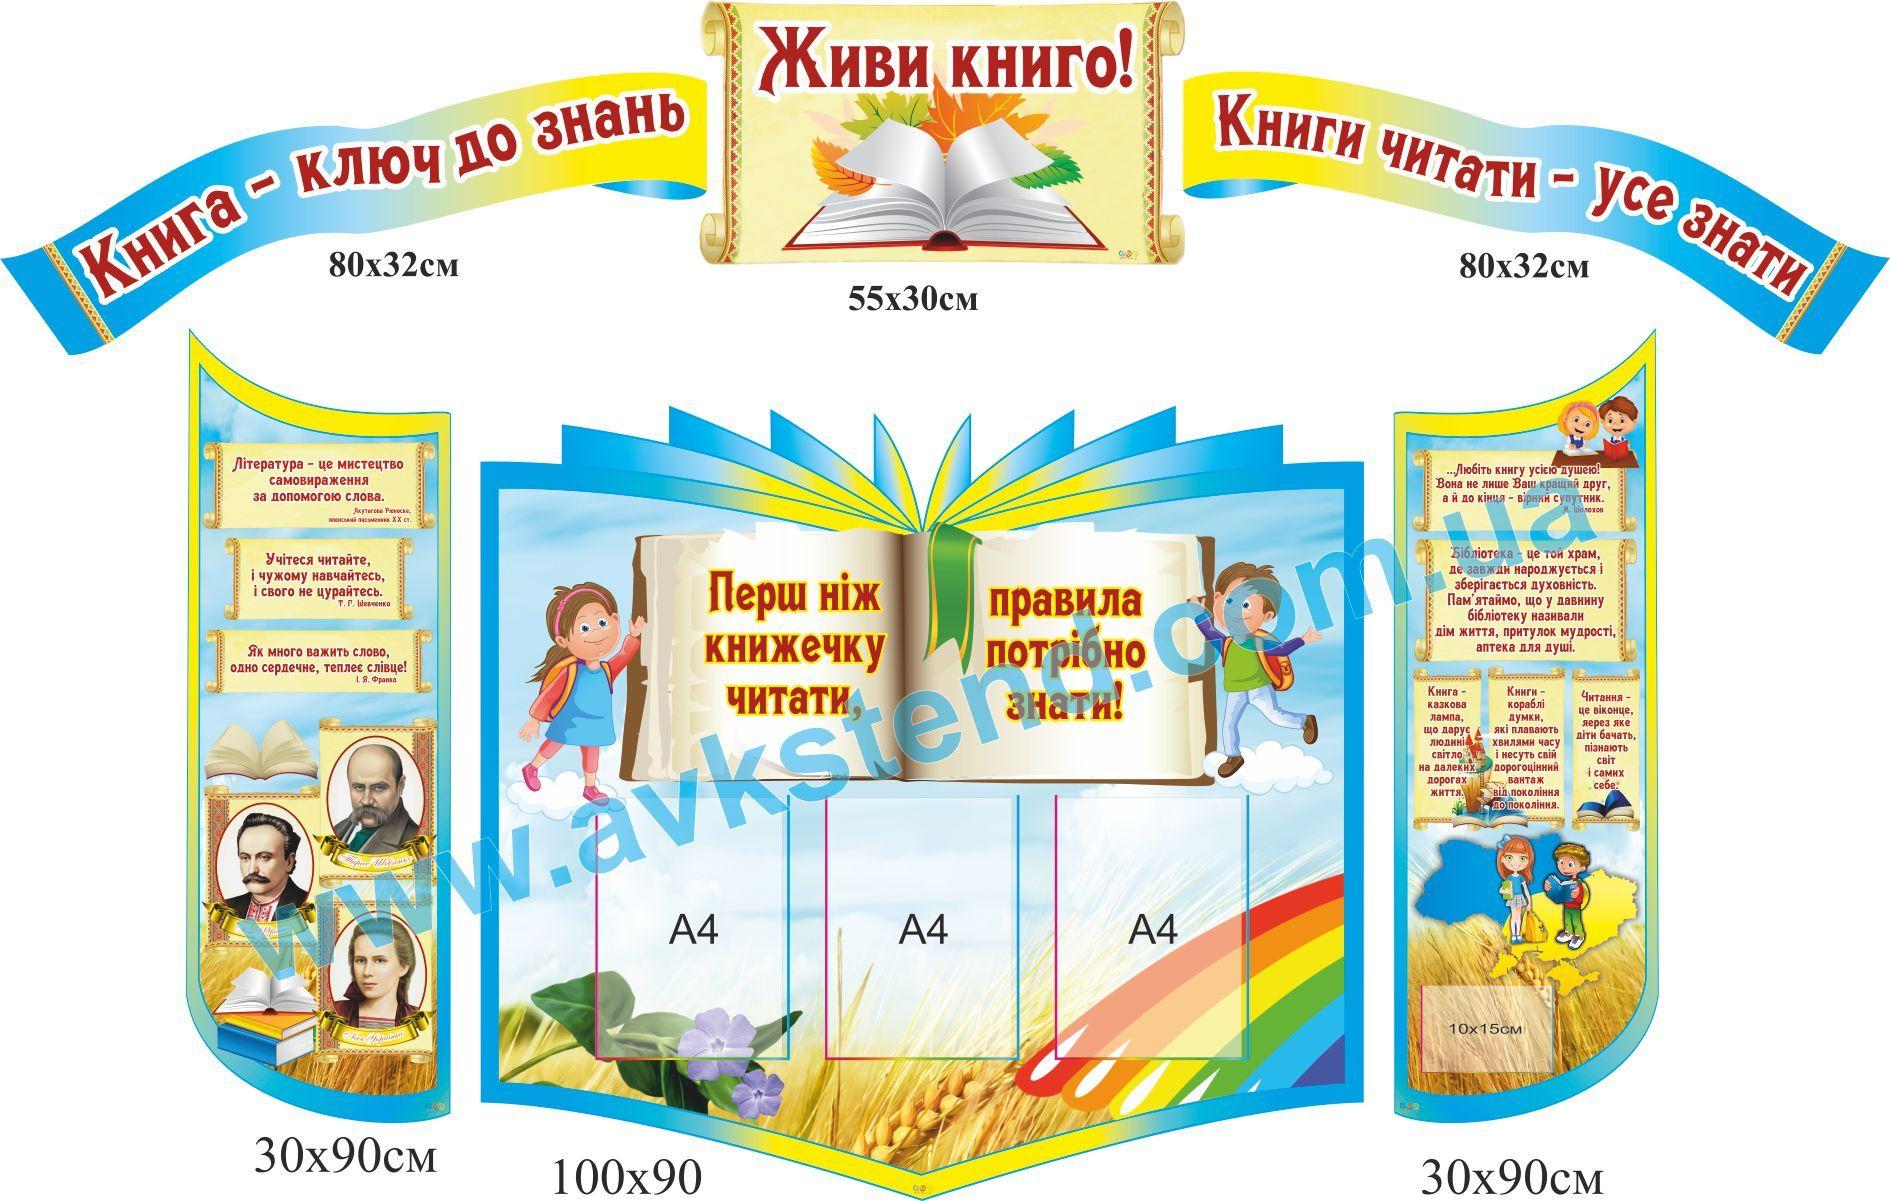 стенди для школи купити, стенди для школи замовити, стенды для школы купить, стенды для школы заказать, стенди у бібліотеку, комплект стендів для бібліотеки, оформлення бібліотеки, стенды в библиотеку, комплект стендов для библиотеки, оформление библиотеки, Україна, Украина,